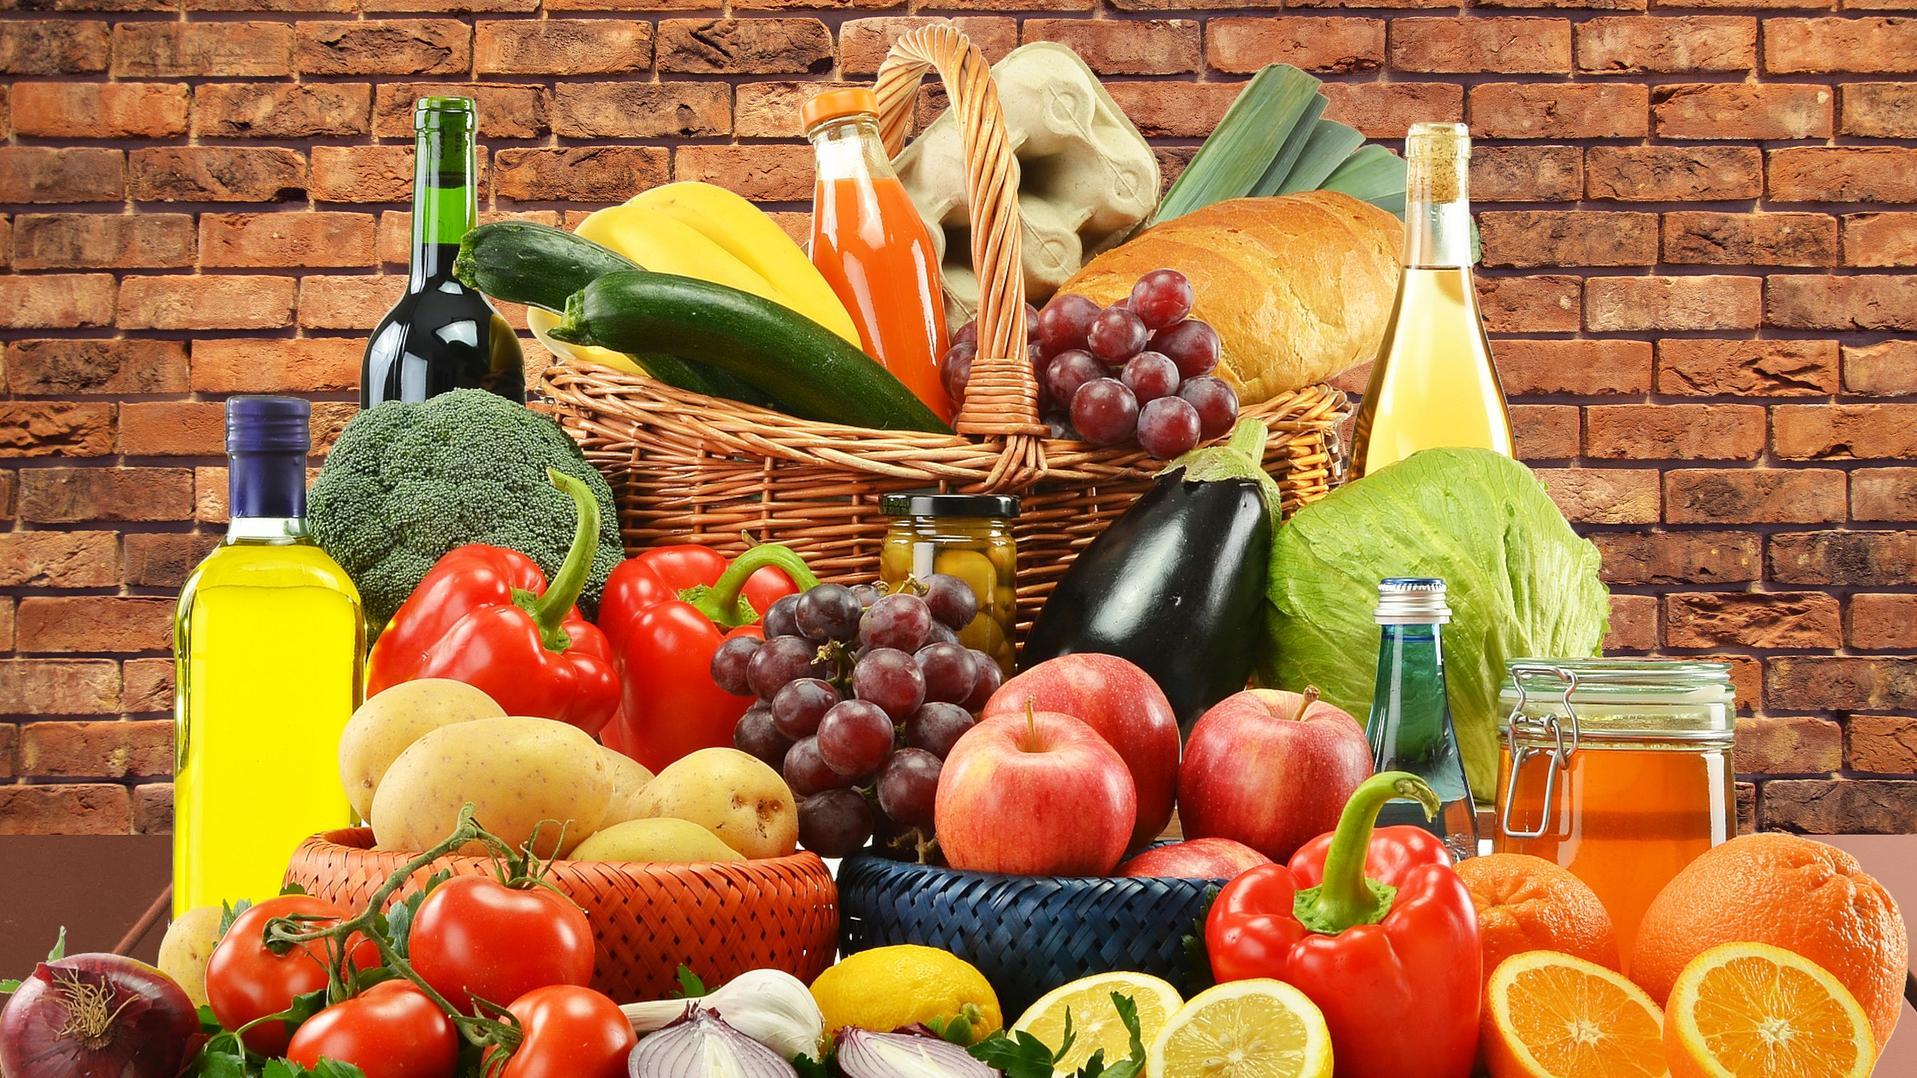 Gesund einkaufen - frische und reine Produkte ins Körbchen legen